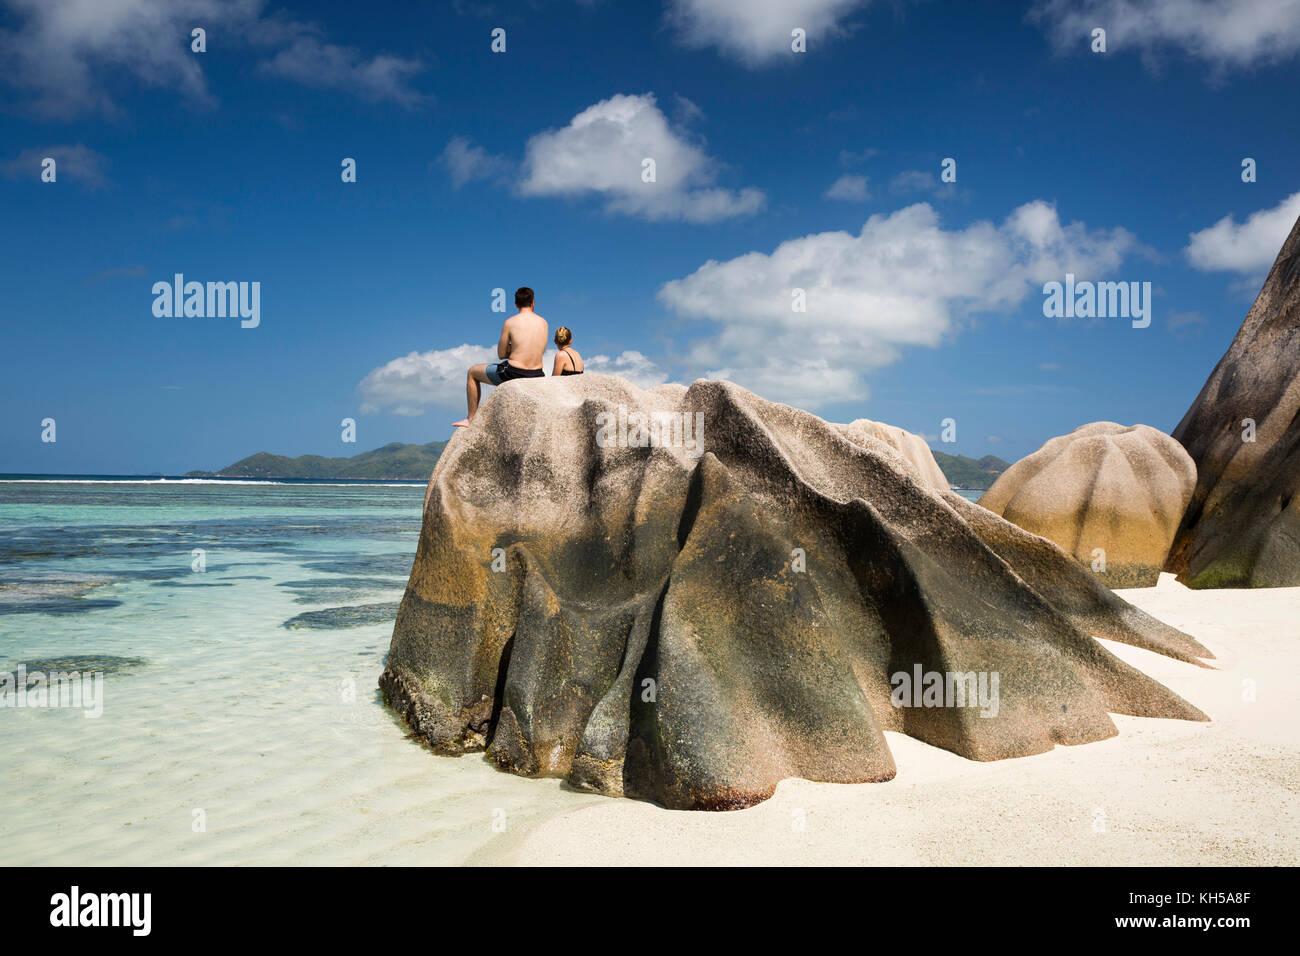 The Seychelles, La Digue, L'Union Estate, tourists sat on rocks at Anse Source d'Argent beach - Stock Image